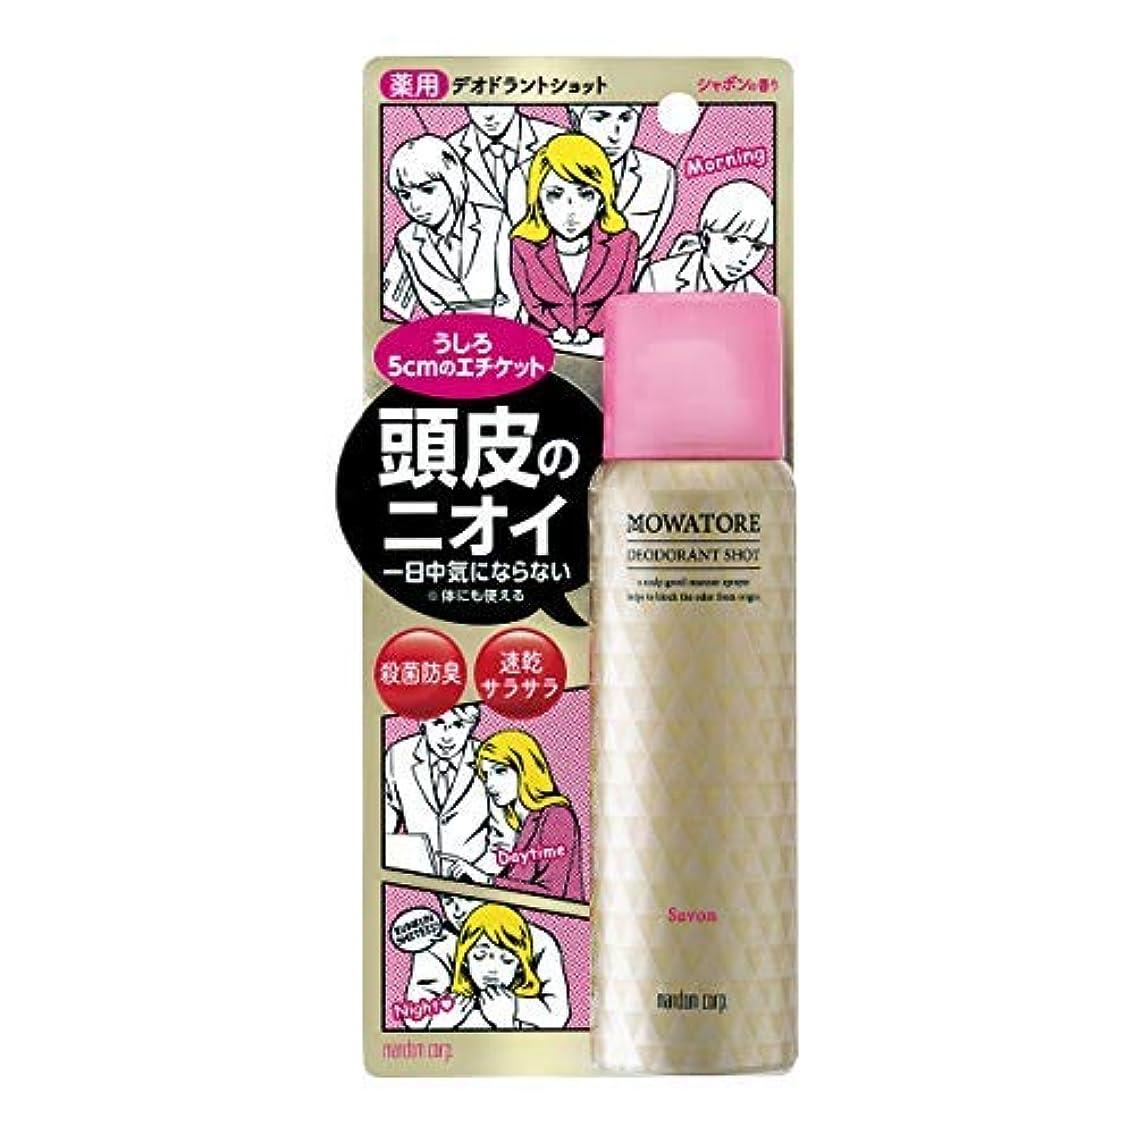 キャロライン解放封筒モワトレ 薬用デオドラントショット シャボン (医薬部外品) × 24個セット